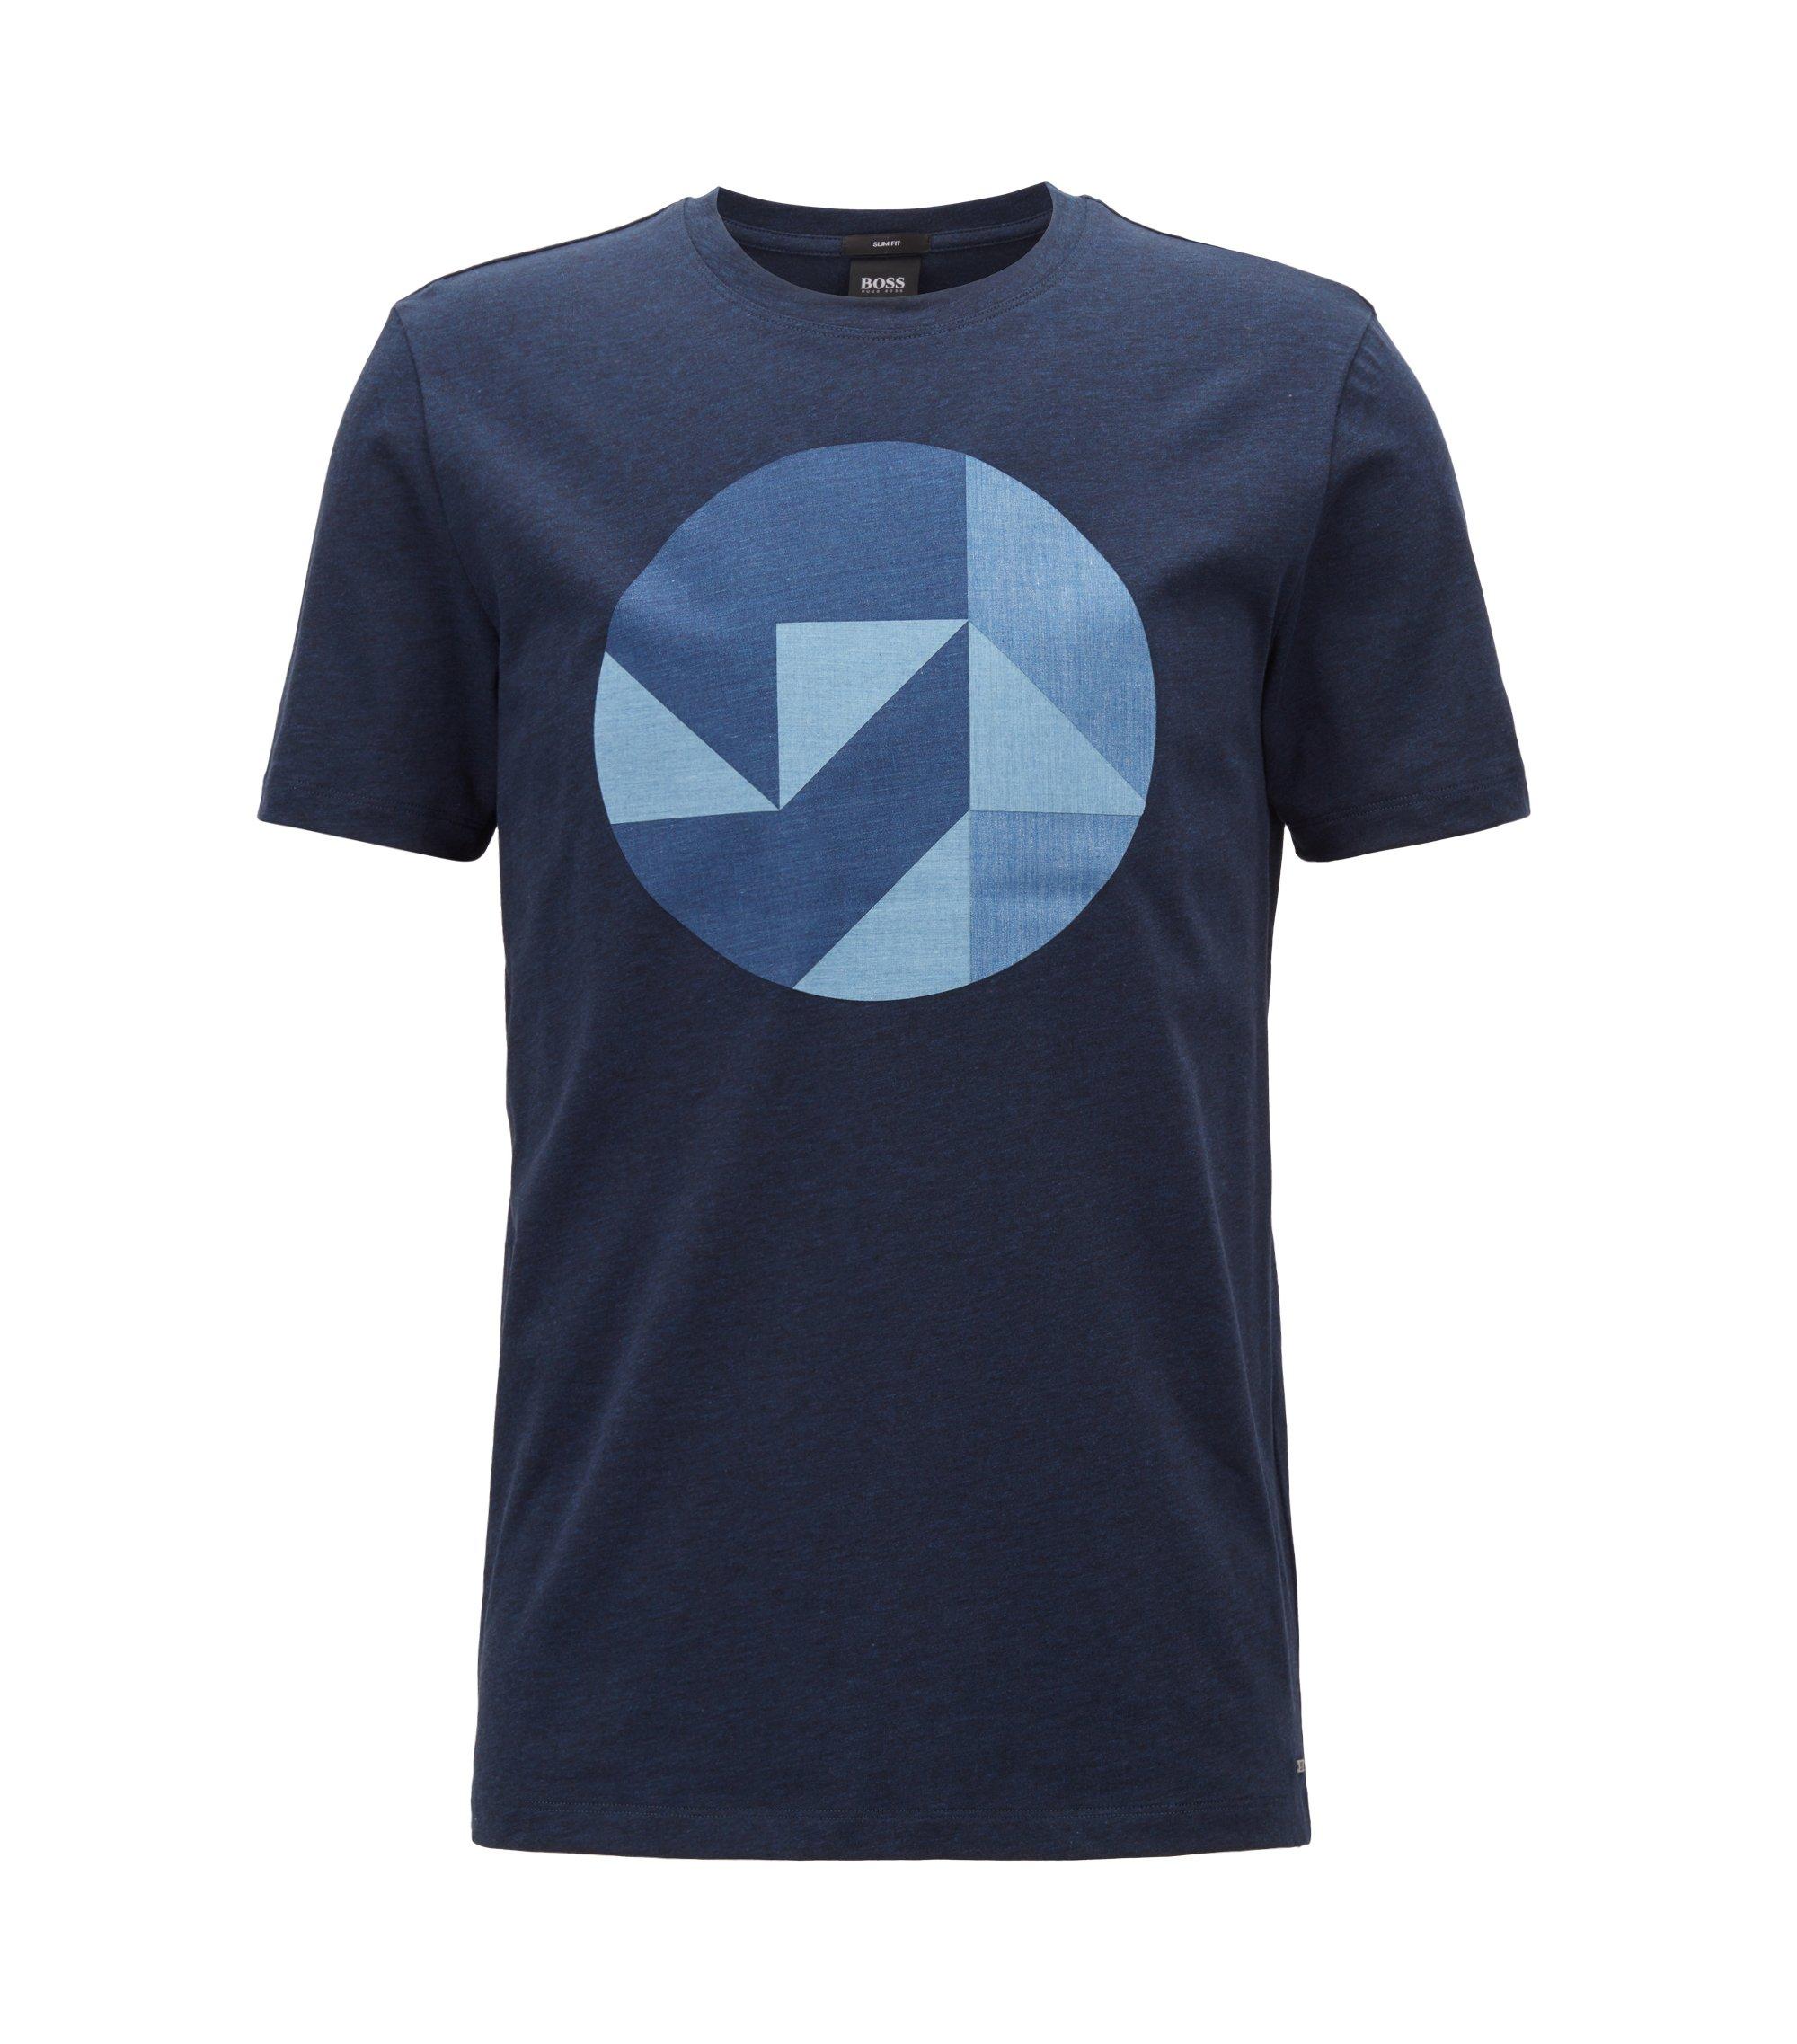 Slim-fit katoenen T-shirt met door Anni Albers geïnspireerde kunstdessin, Donkerblauw